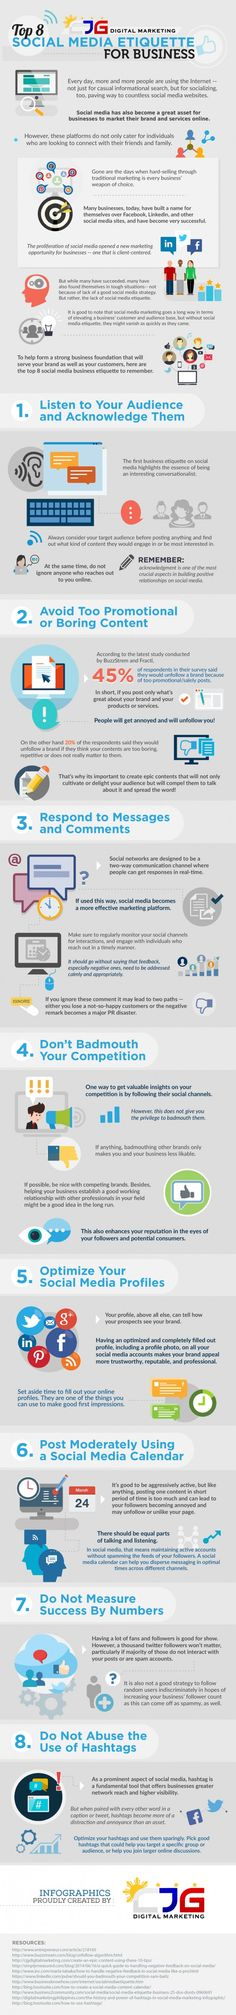 Etiquette zakelijk social media gebruik!